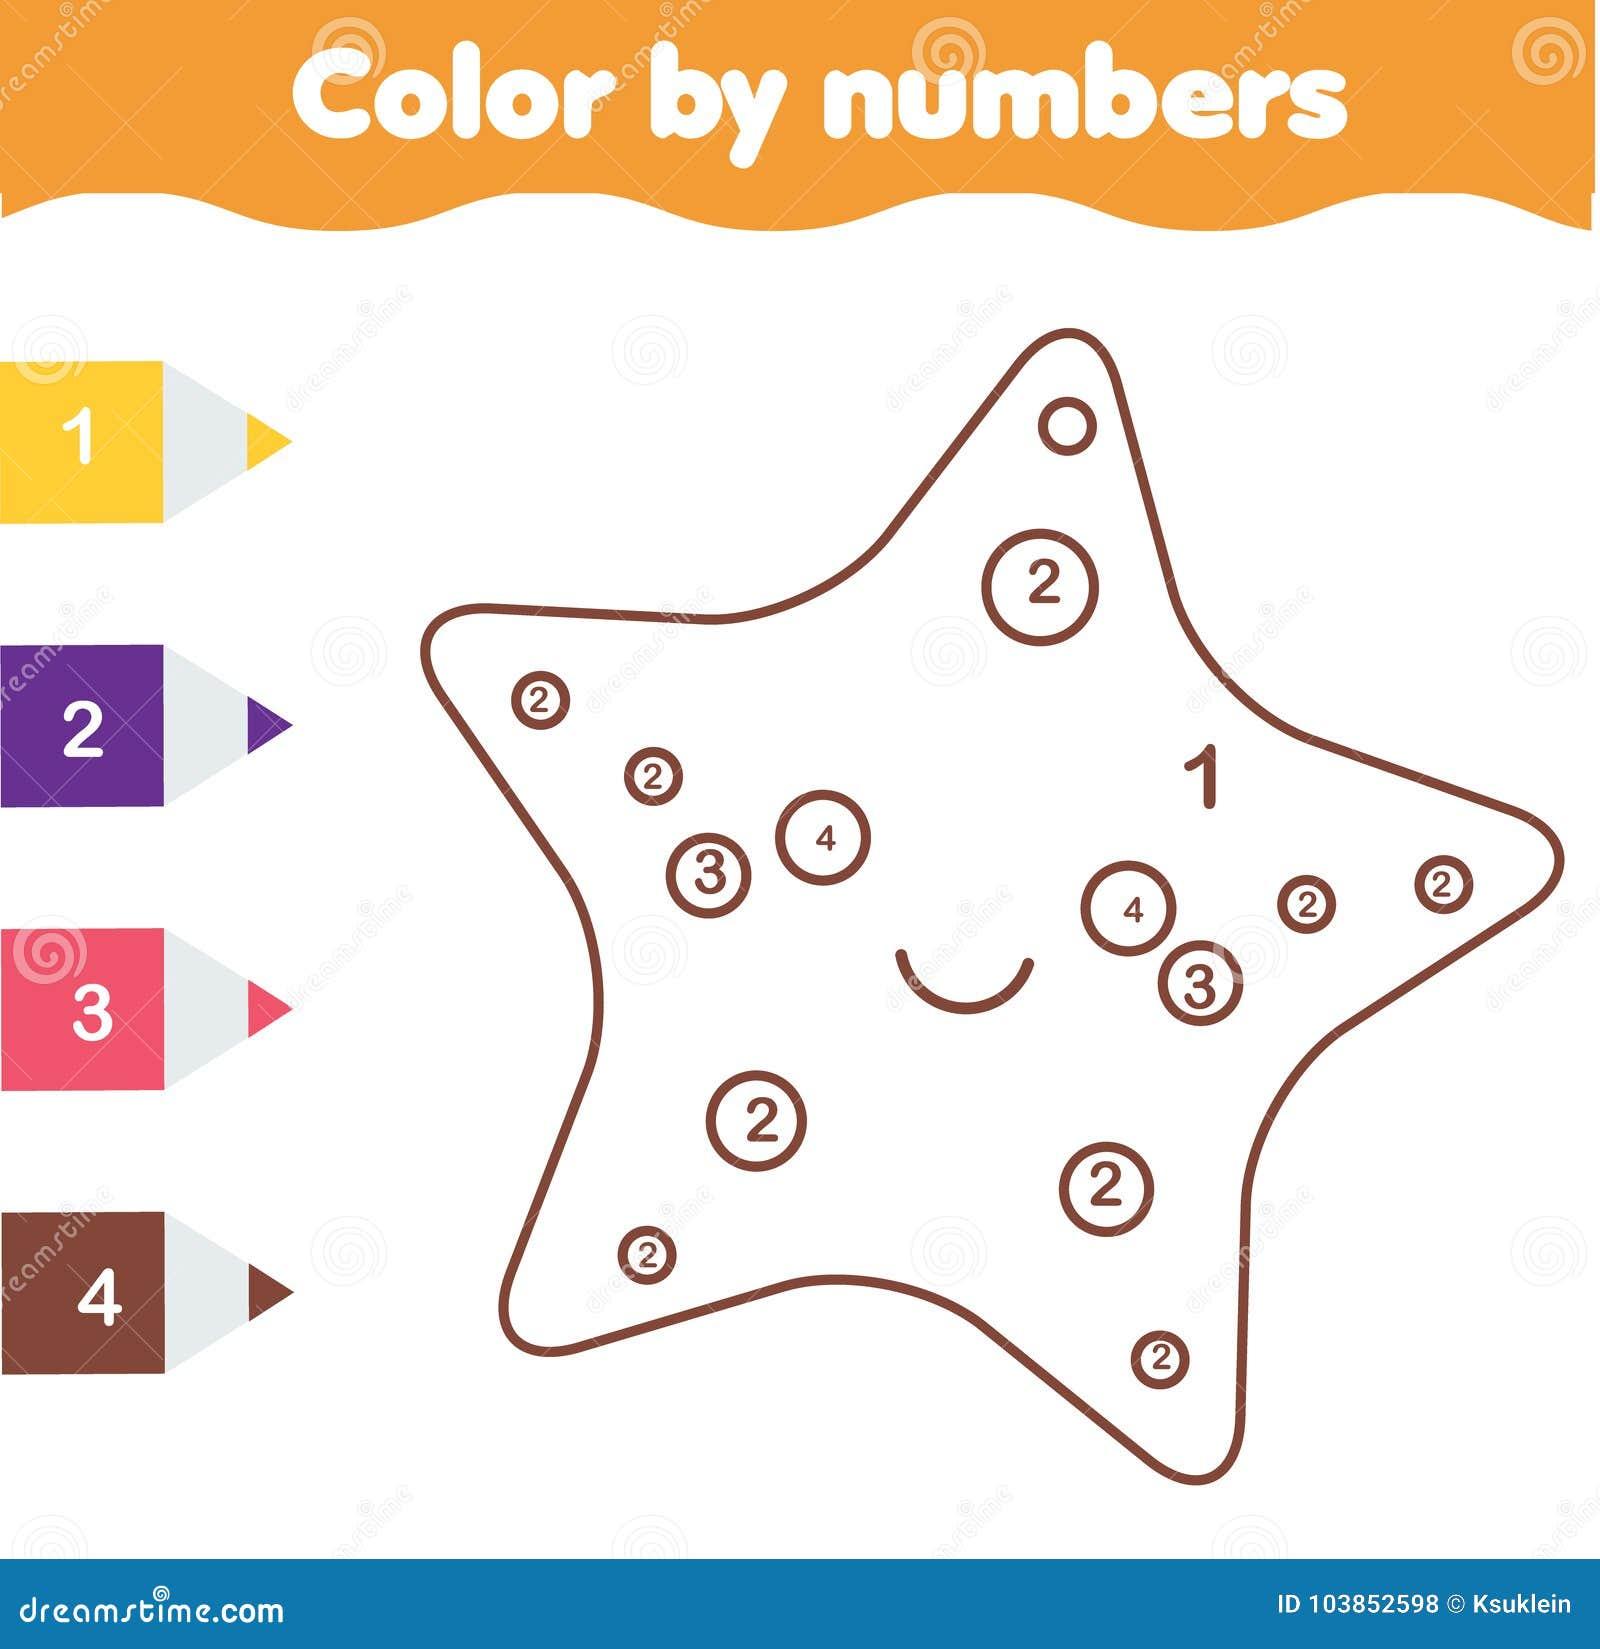 Kinderlernspiel Farbtonseite Mit Netten Sarfish Farbe Durch Zahlen ...